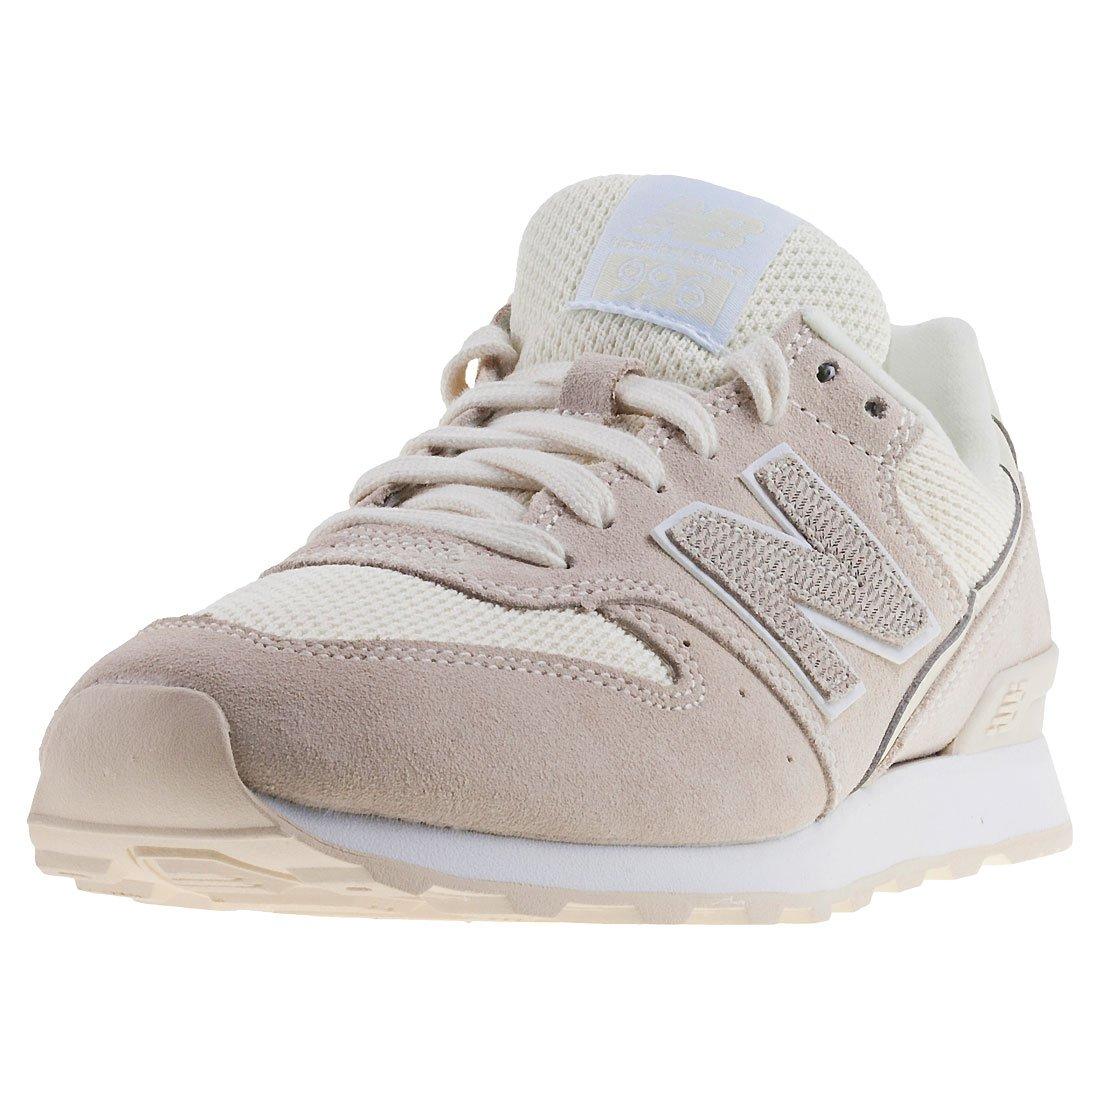 New Balance Wr996-lcb-d, Zapatillas para Mujer